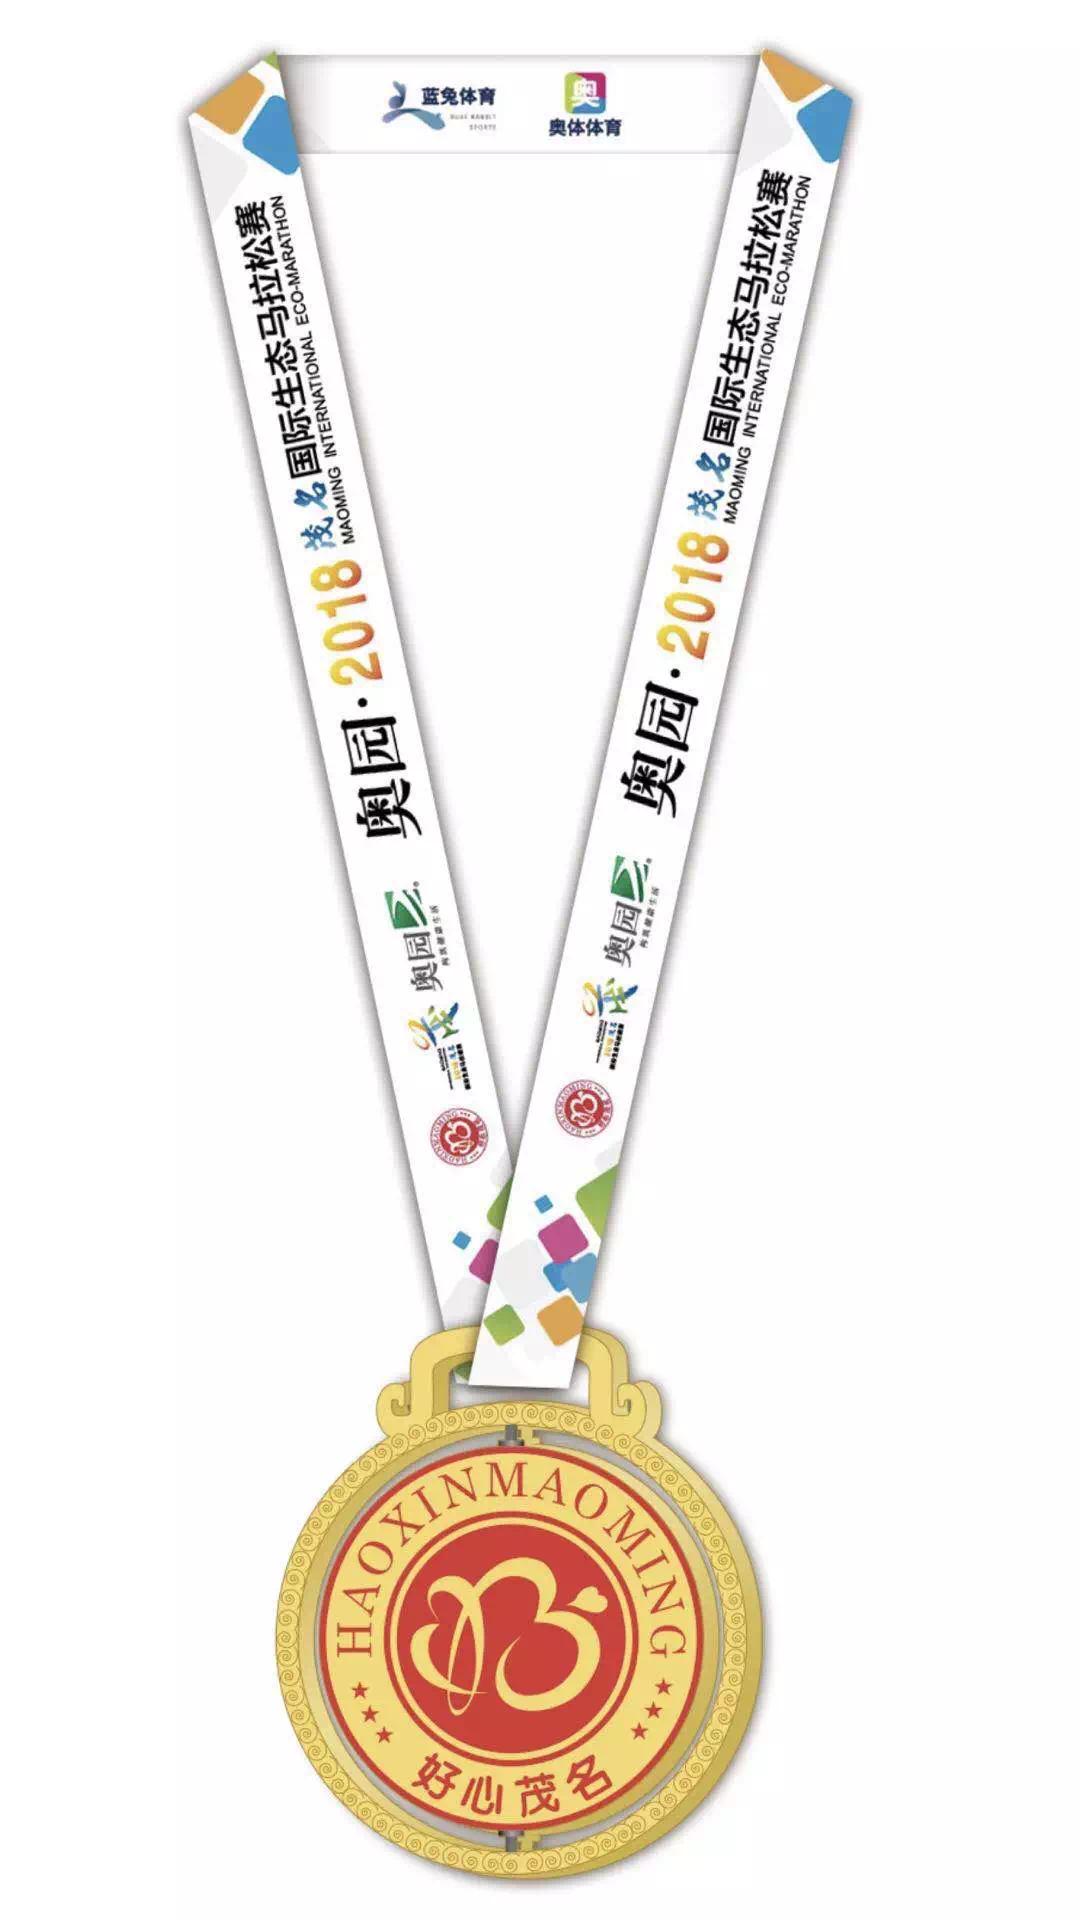 奥园·2018茂名国际生态马拉松赛奖牌提前公布!